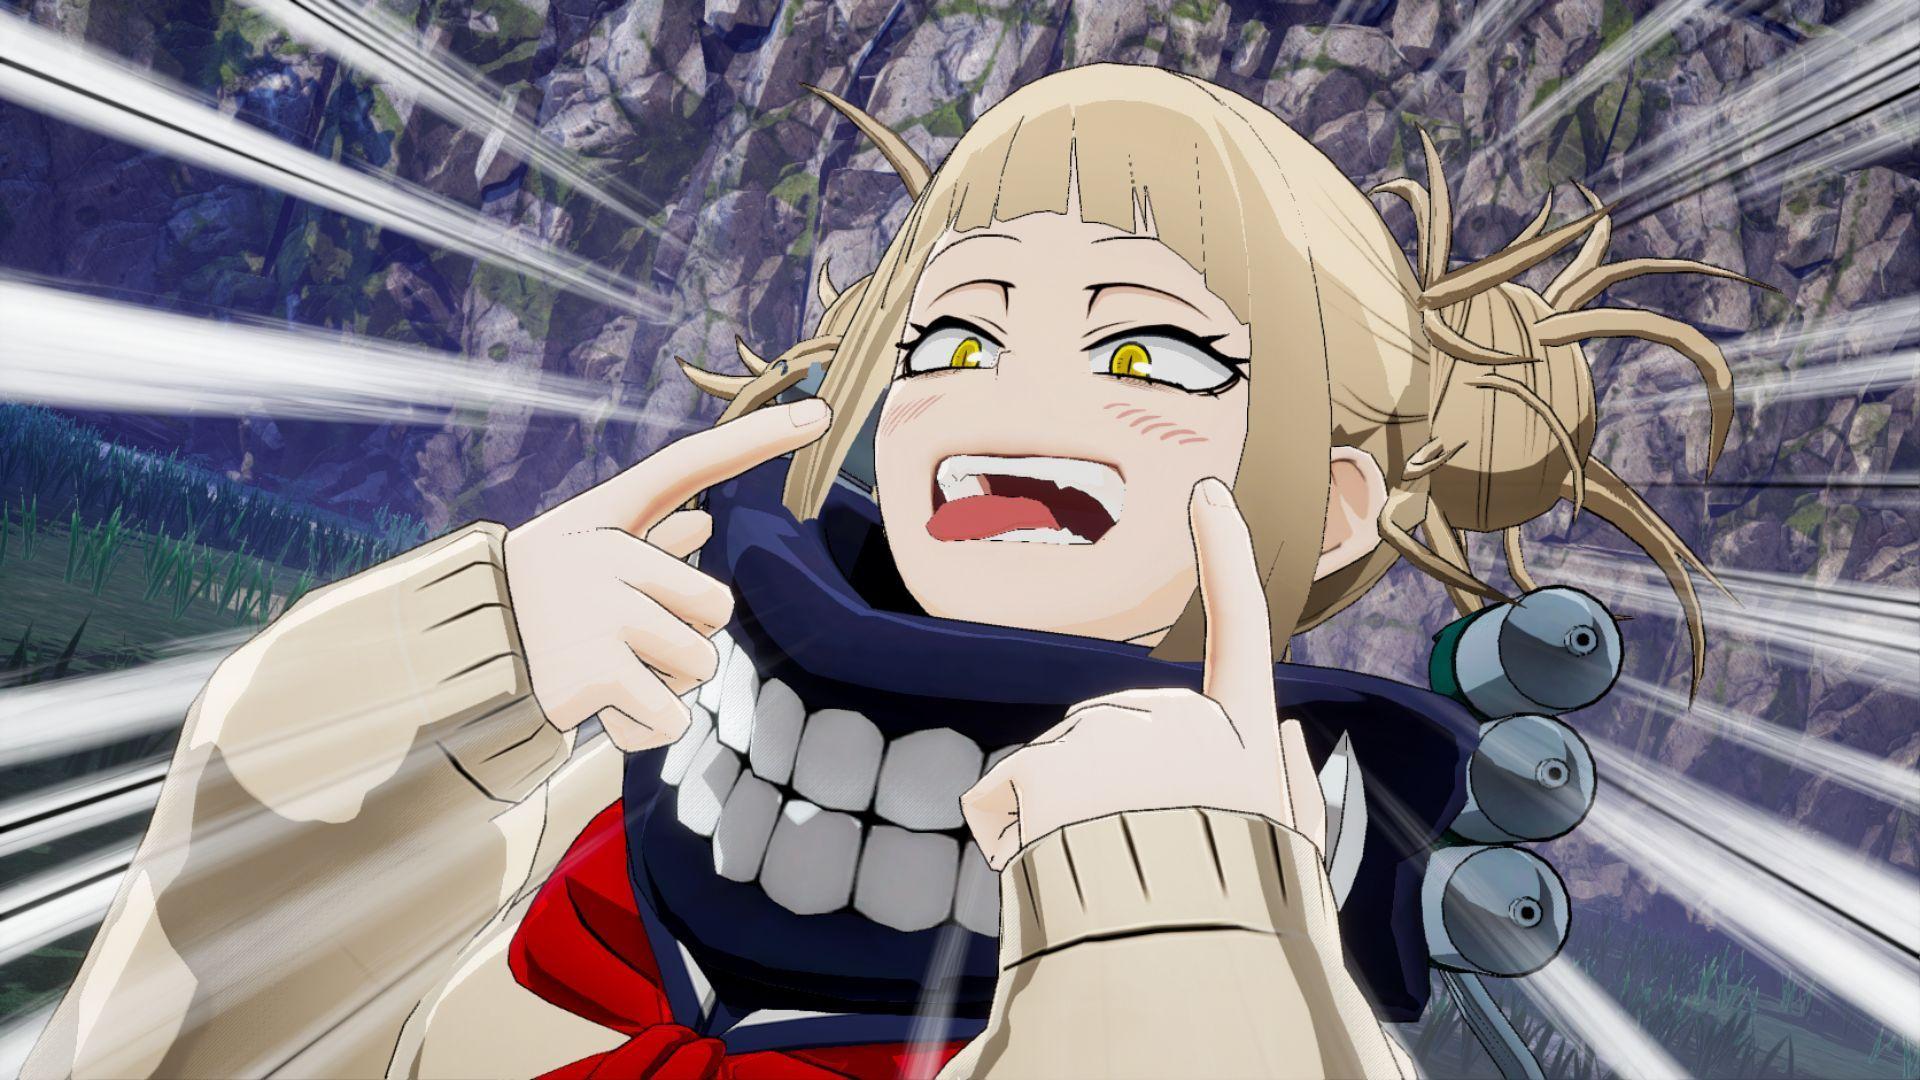 my hero academia toga himiko #myheroacademia #togahimiko #anime